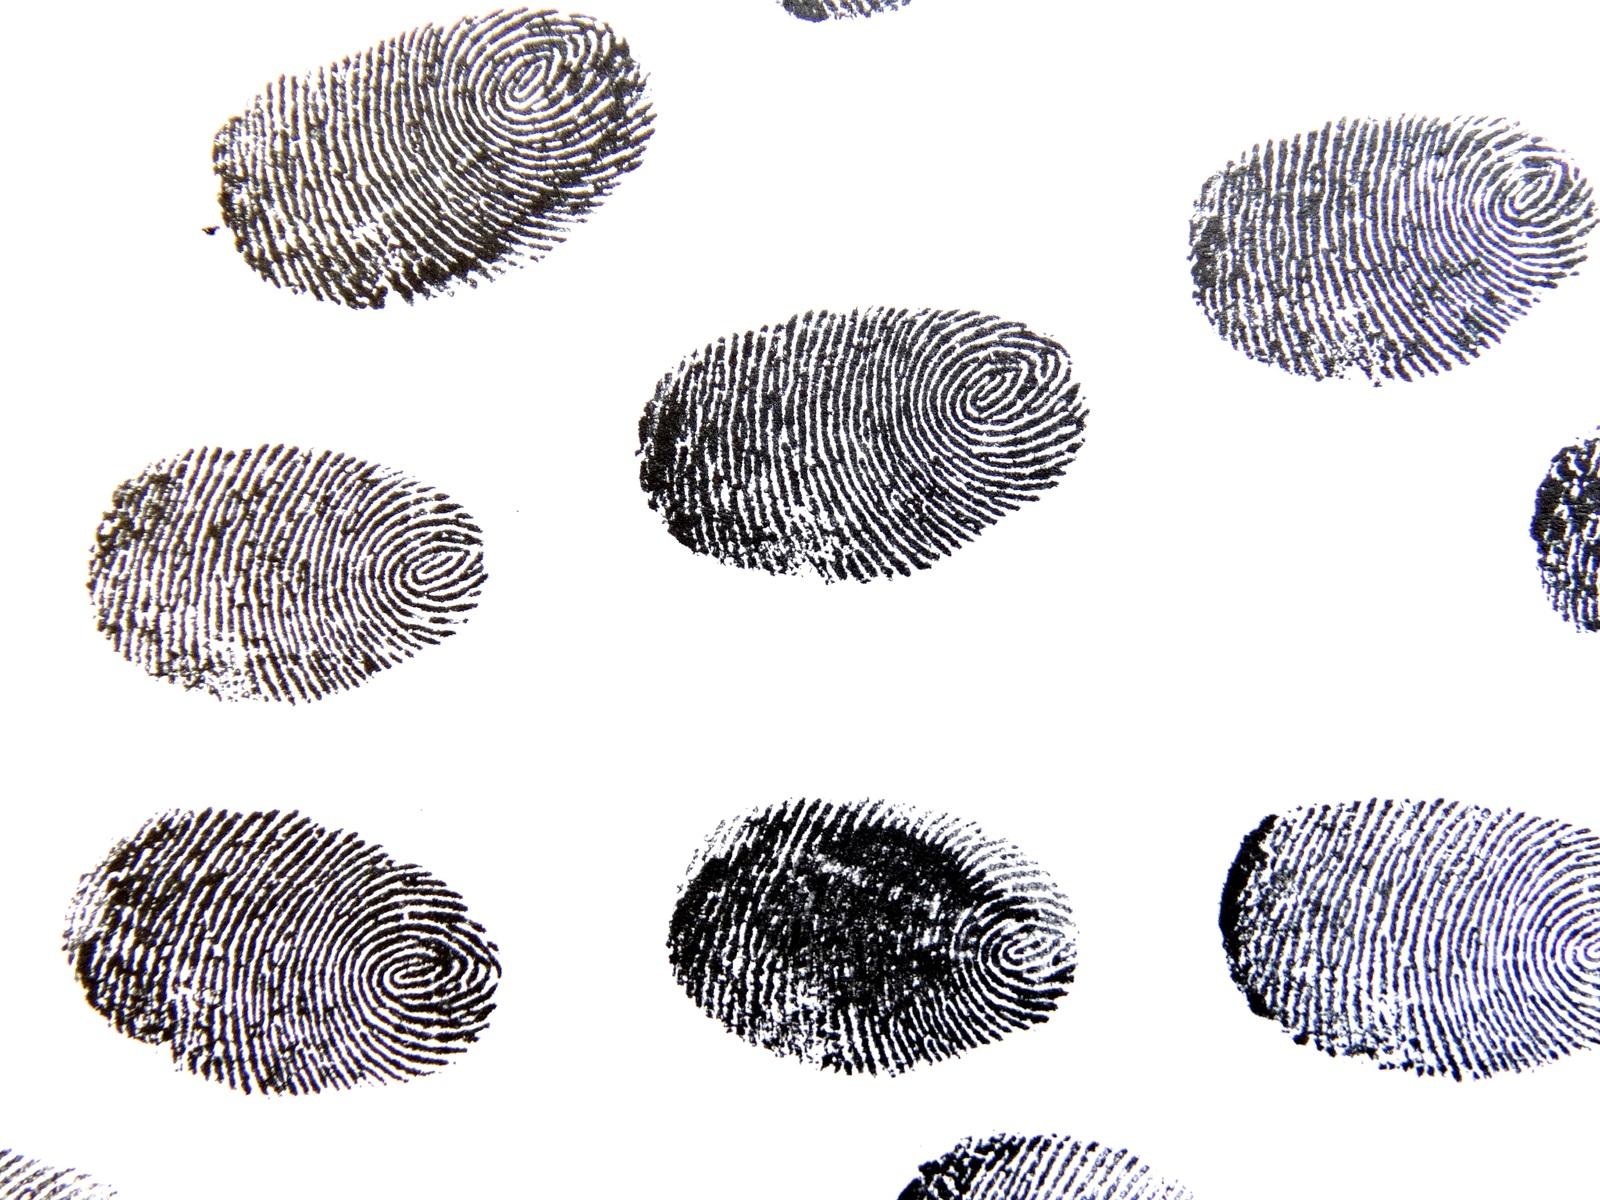 Fingeraftryk, fingerprint, finger